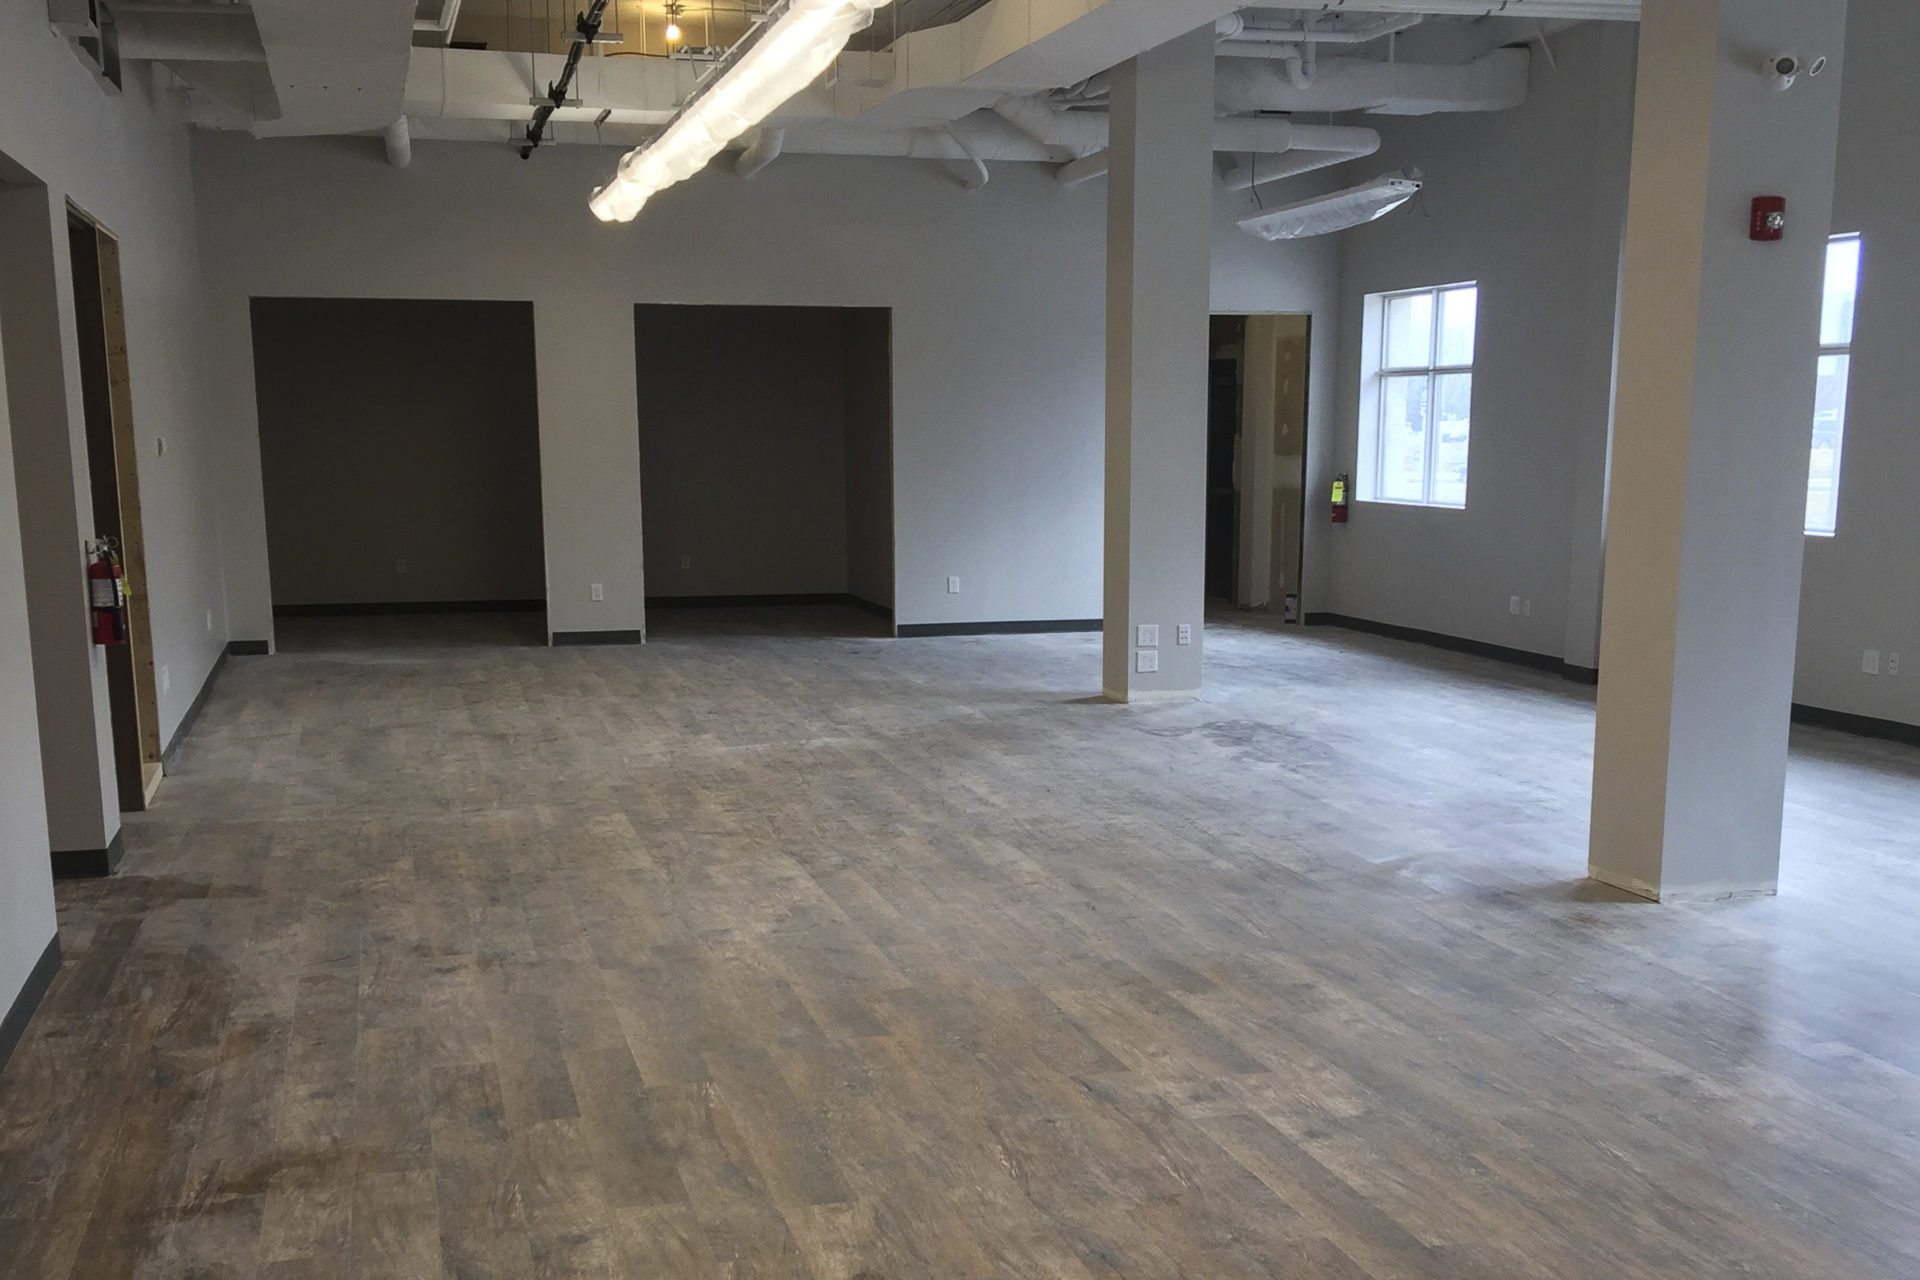 Shaw Park Renovation Interior Flooring